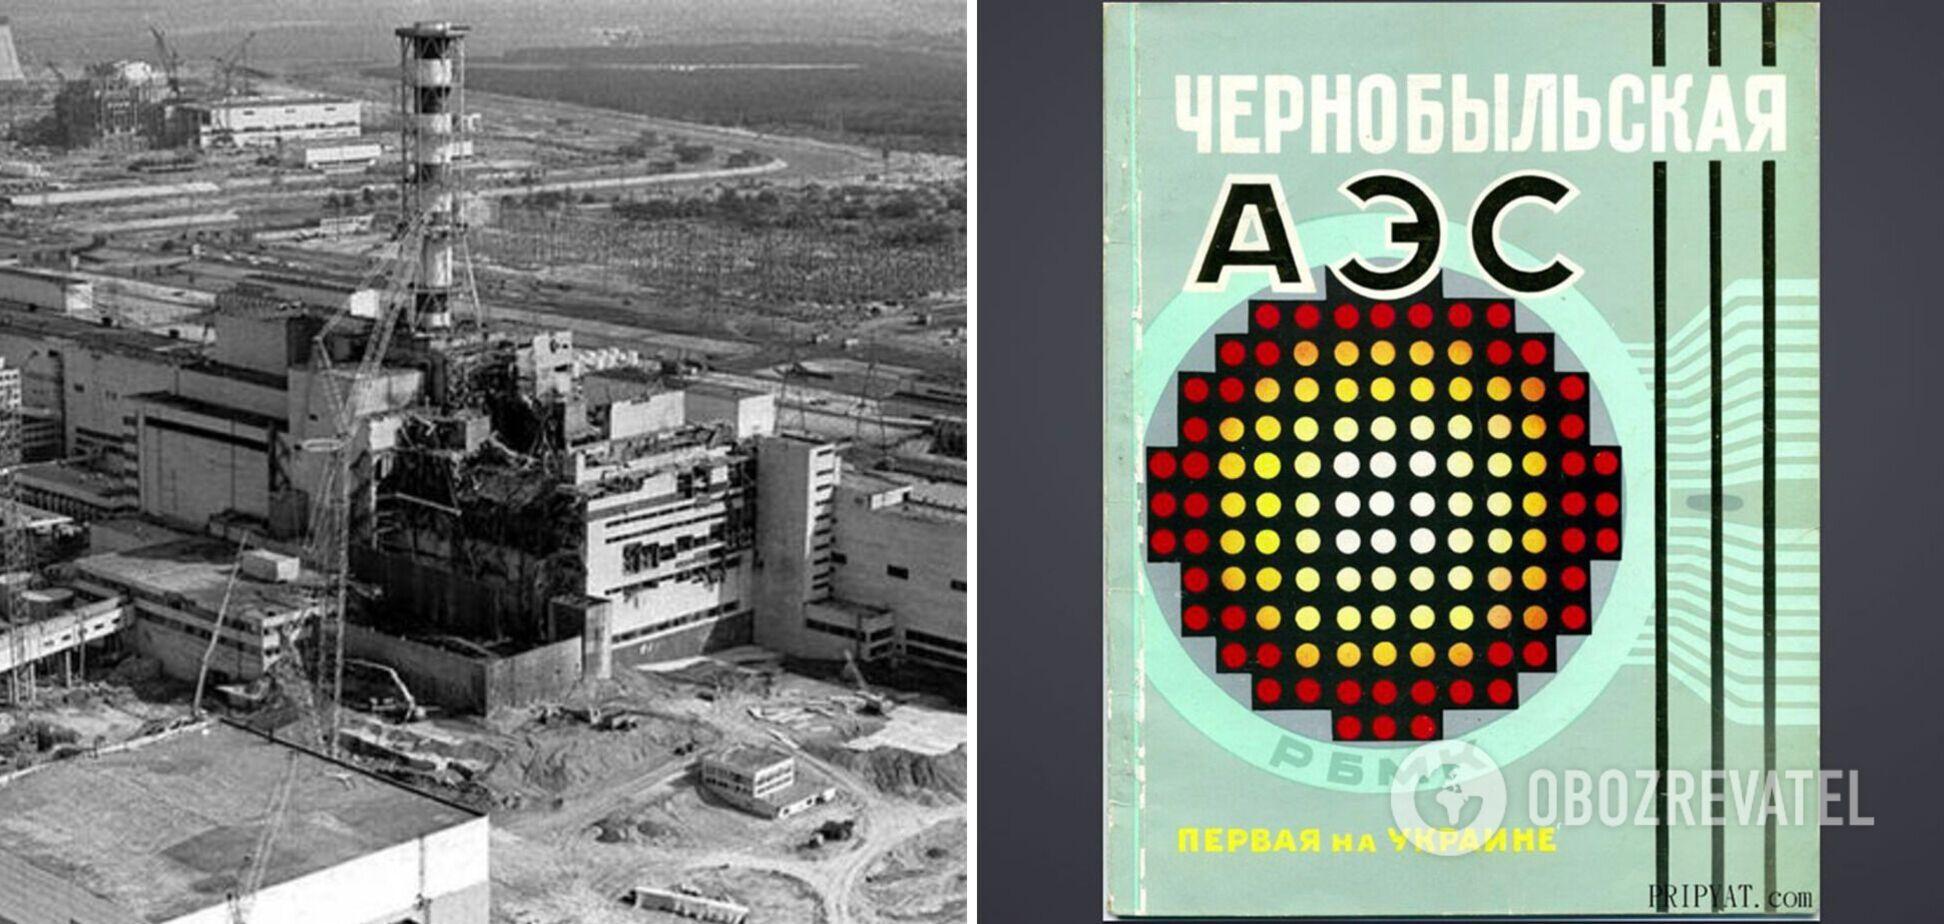 Раритетний буклет про Чорнобильську АЕС